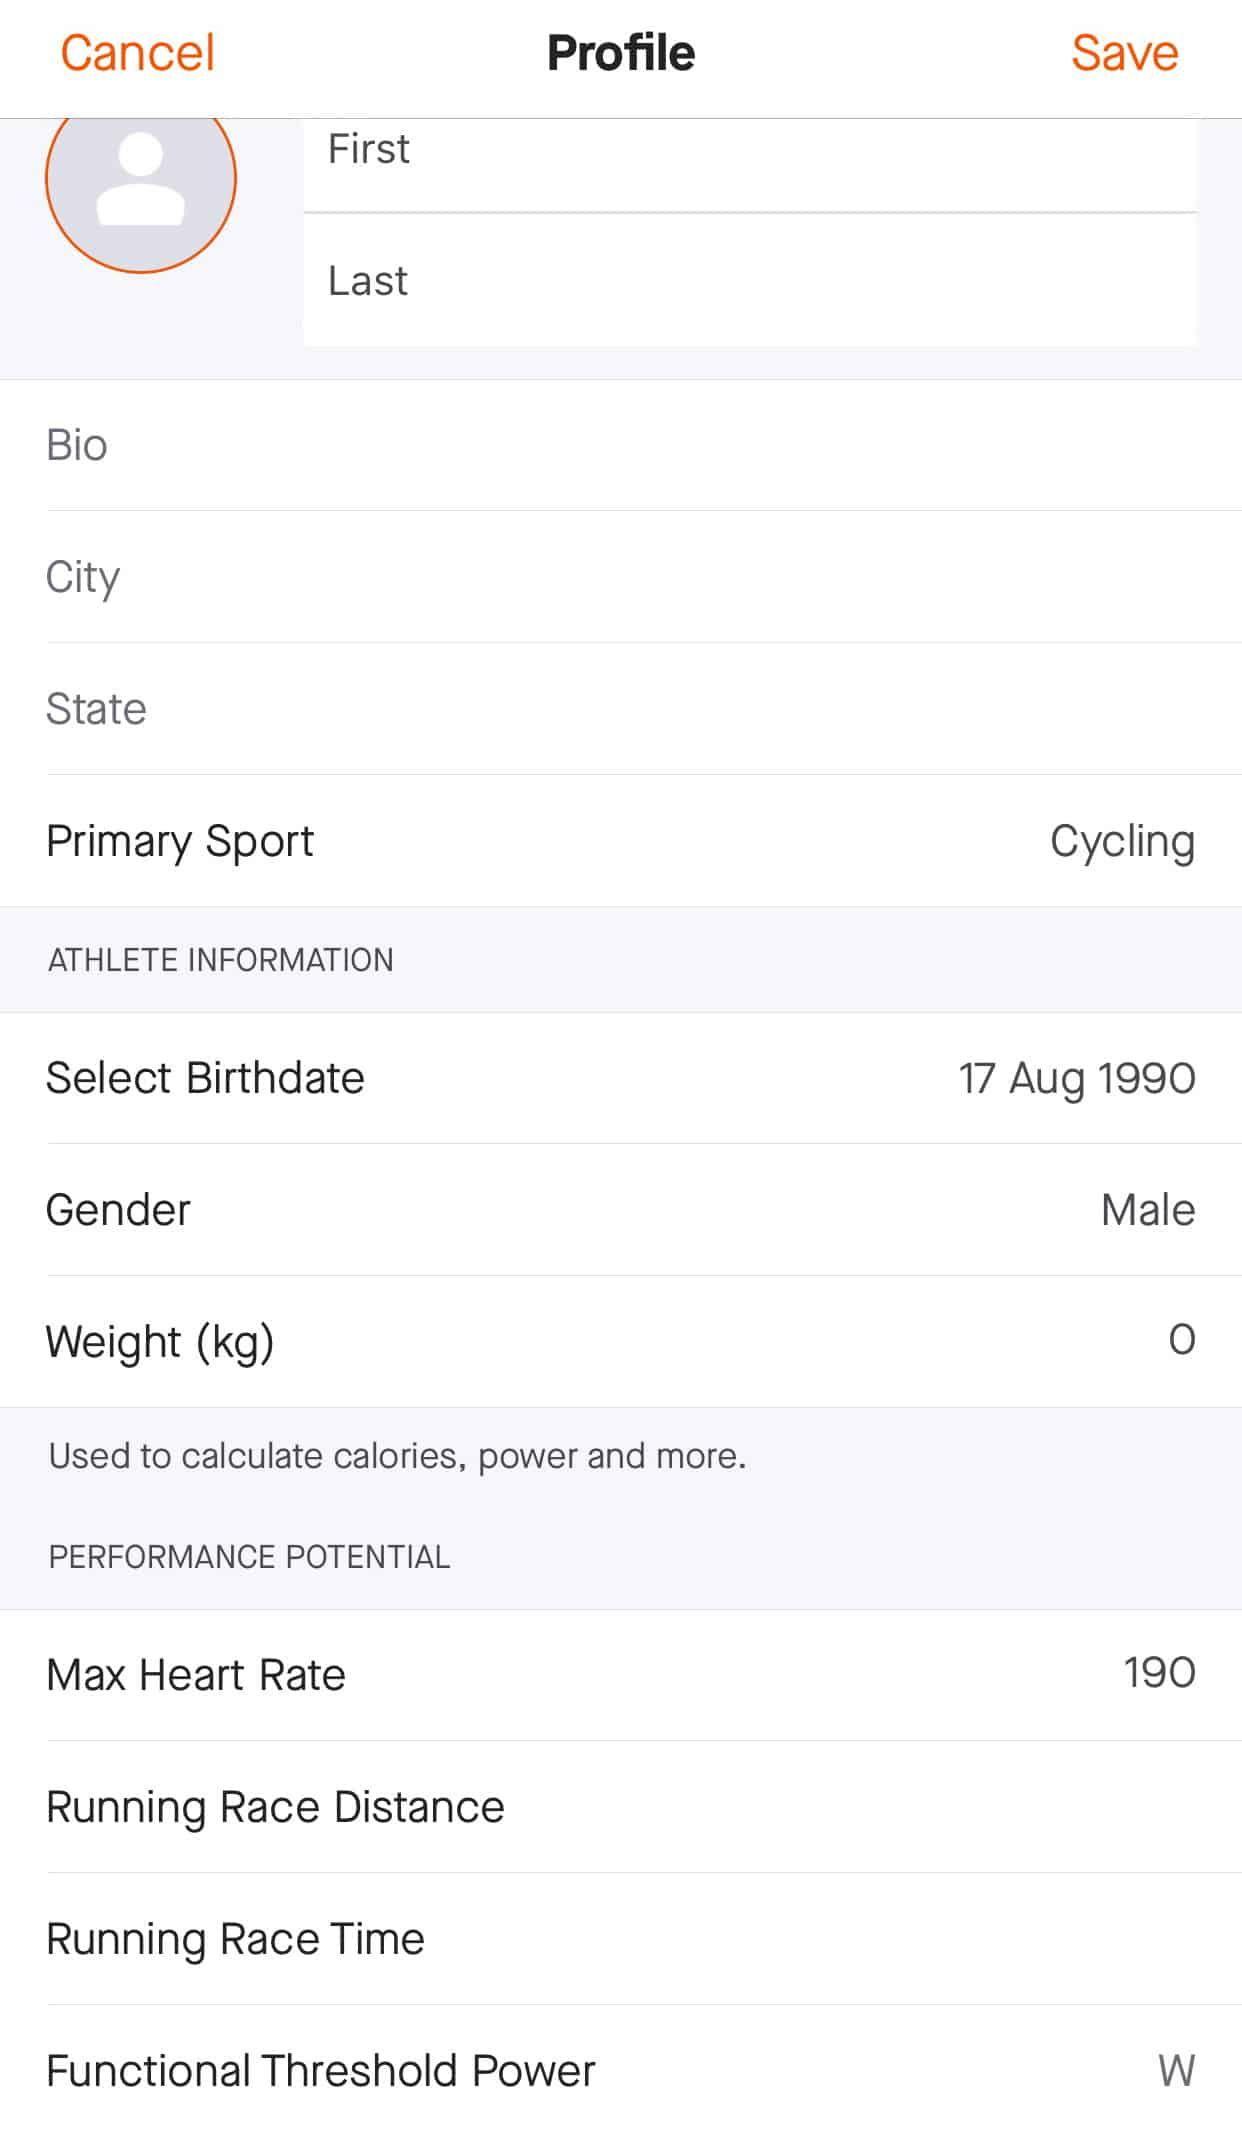 Pengaturan Profile Dan Informasi Kekuatan Berlari Atlet Media Sosial